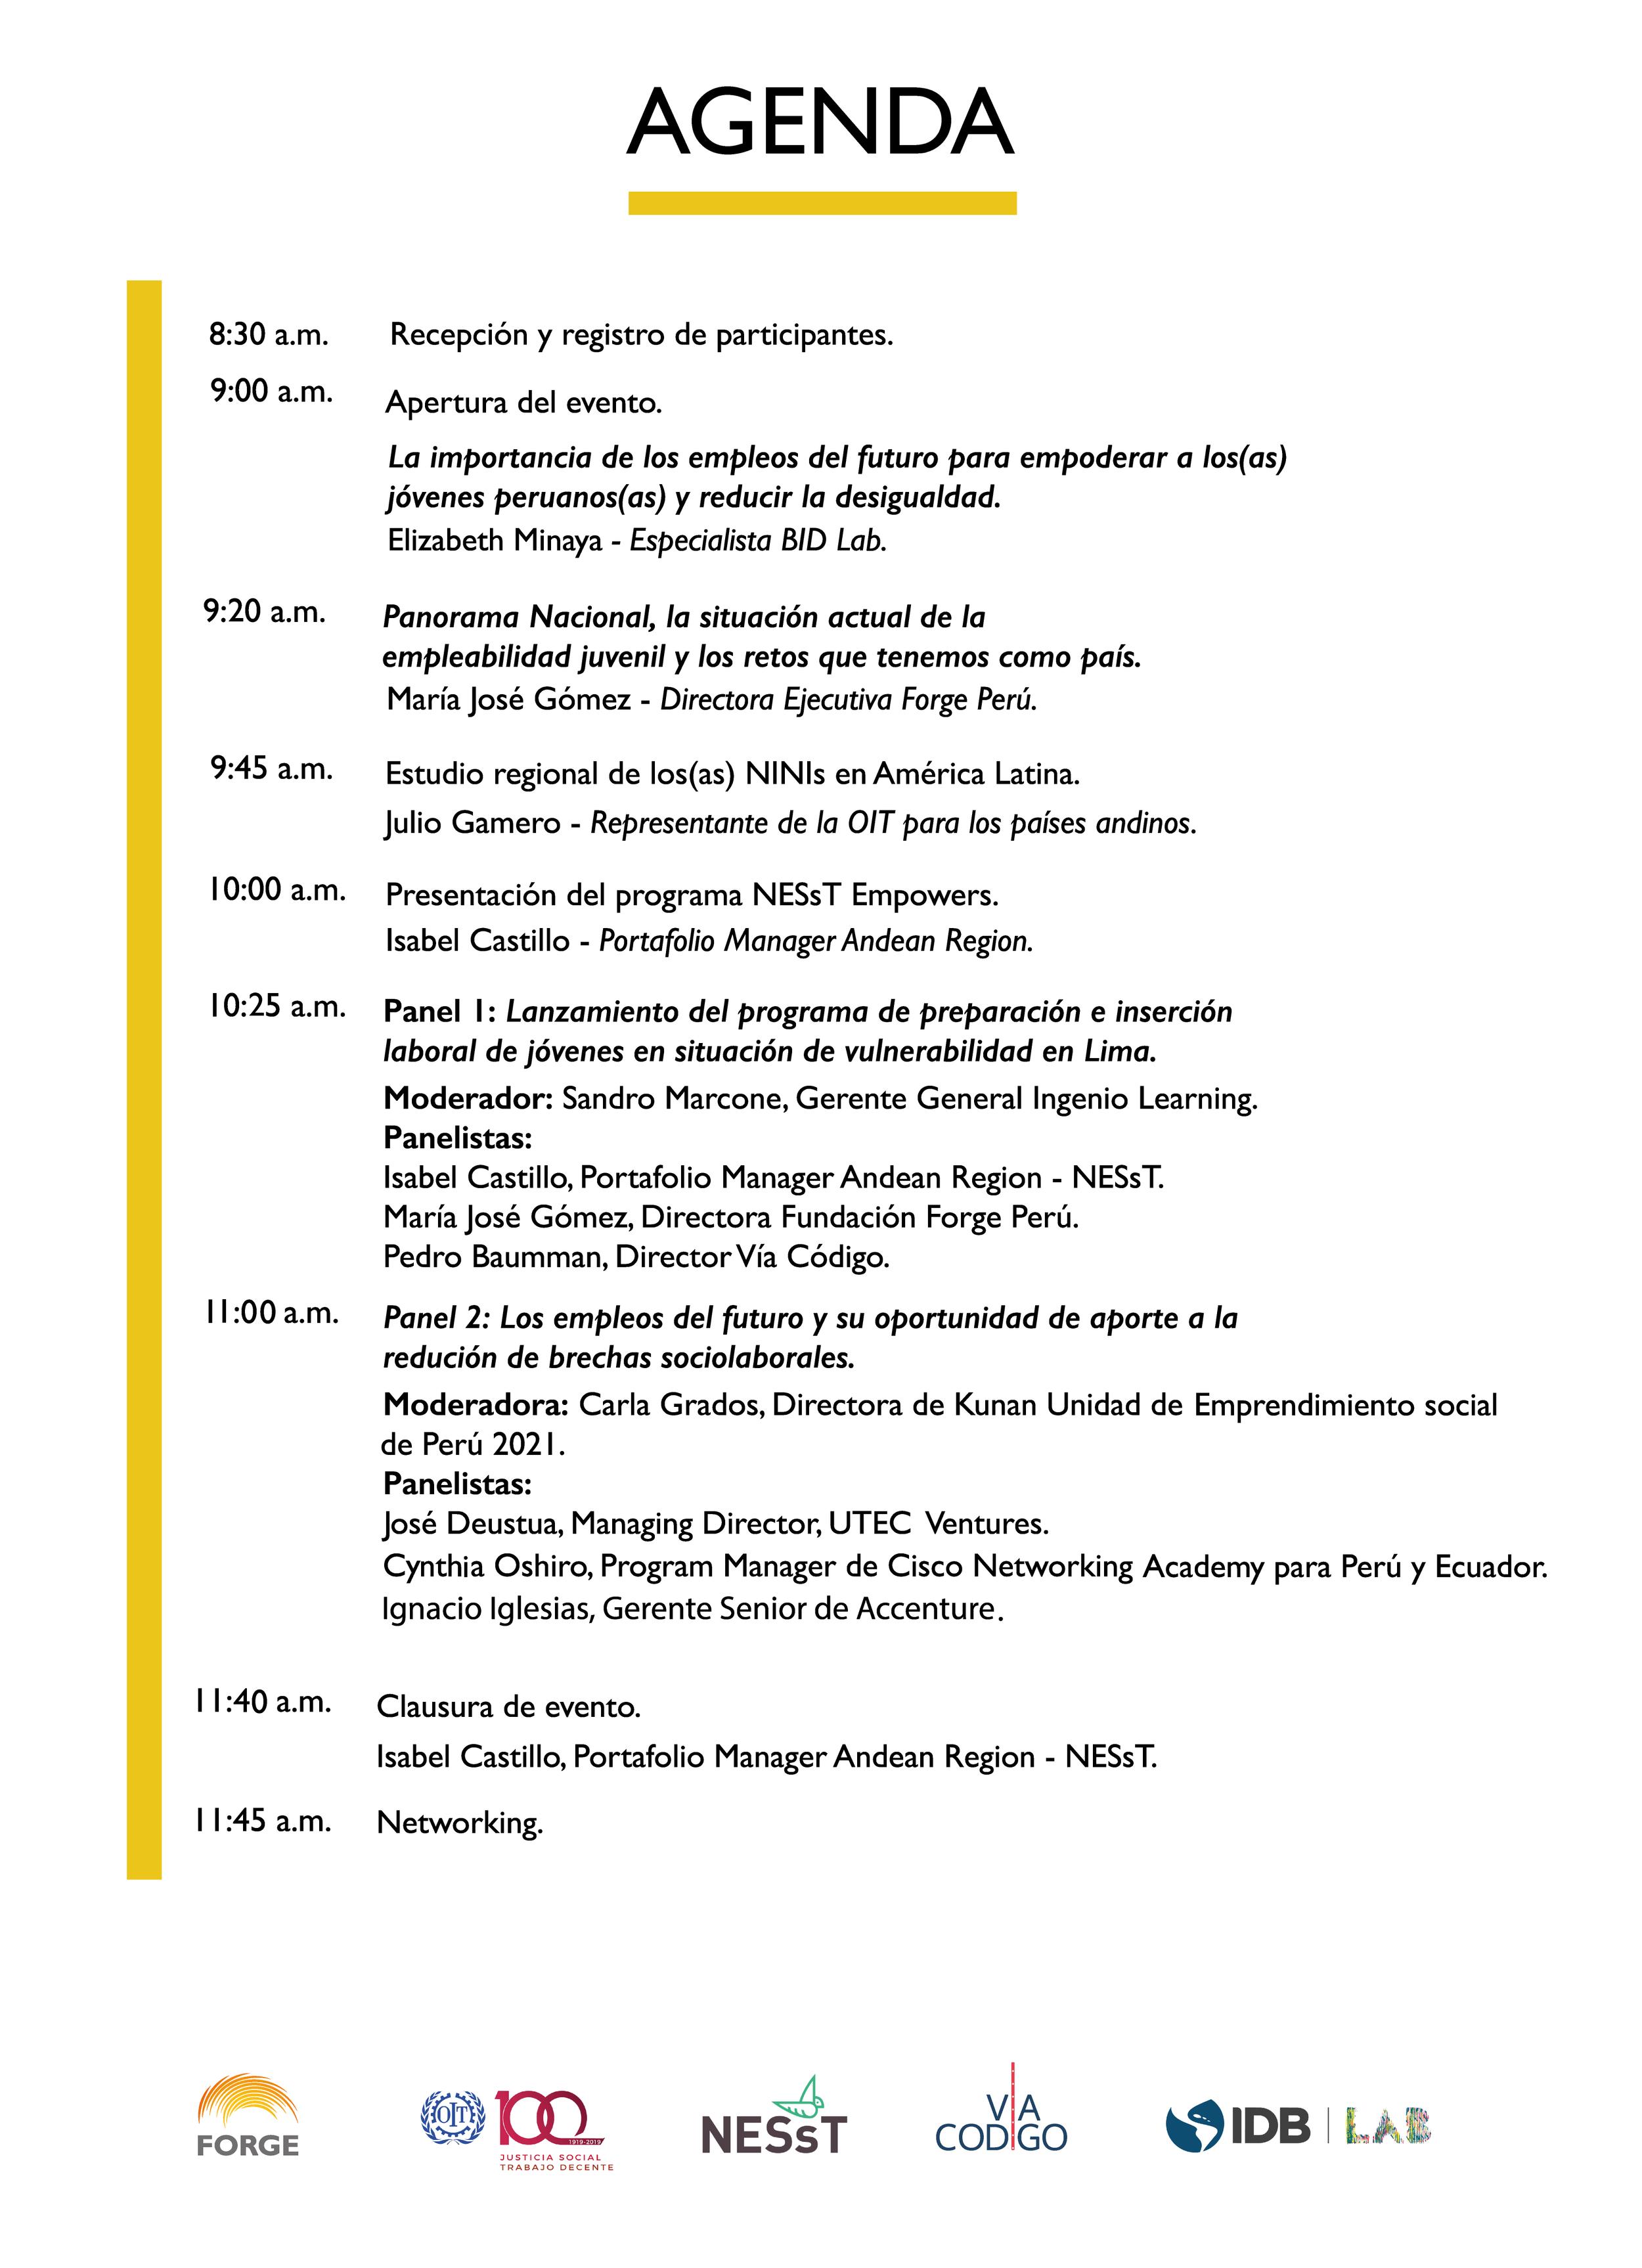 Agenda-confirmada-VF (1).png